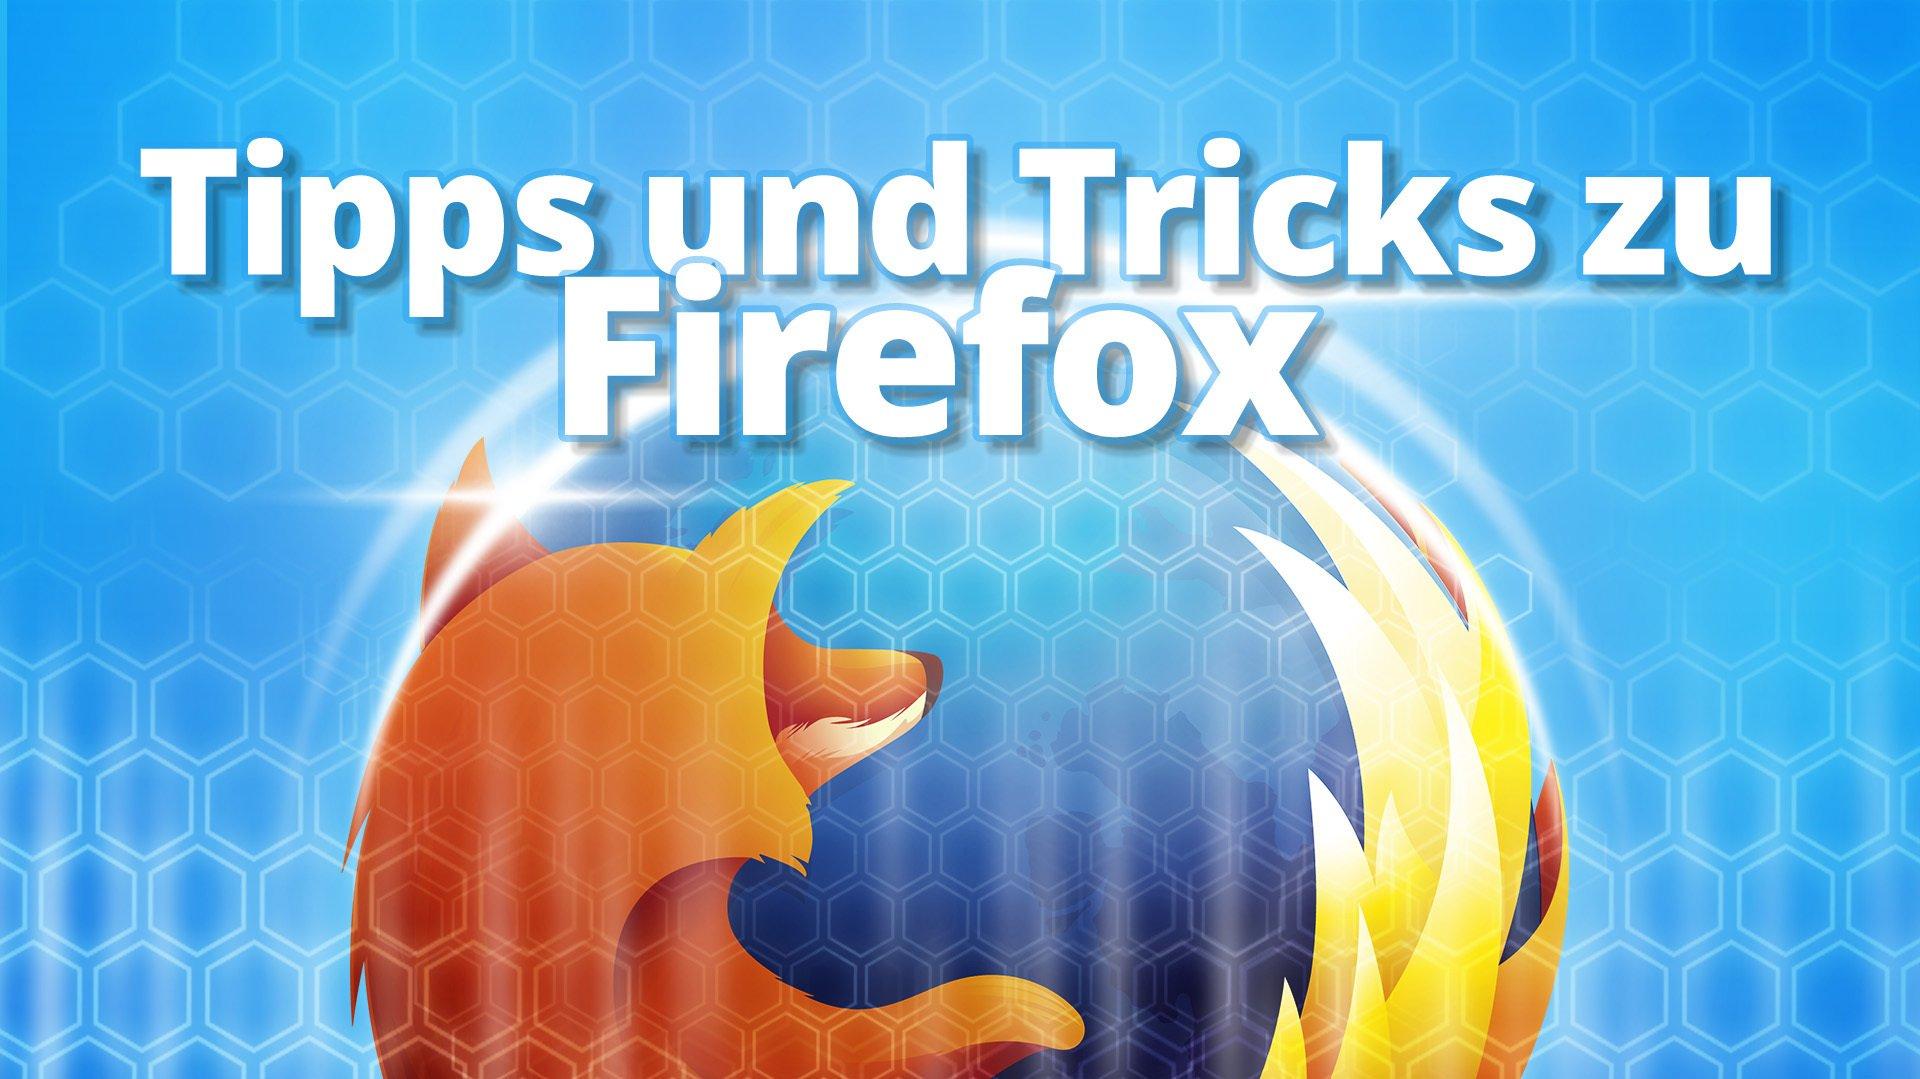 tipps und tricks zu firefox heise download. Black Bedroom Furniture Sets. Home Design Ideas